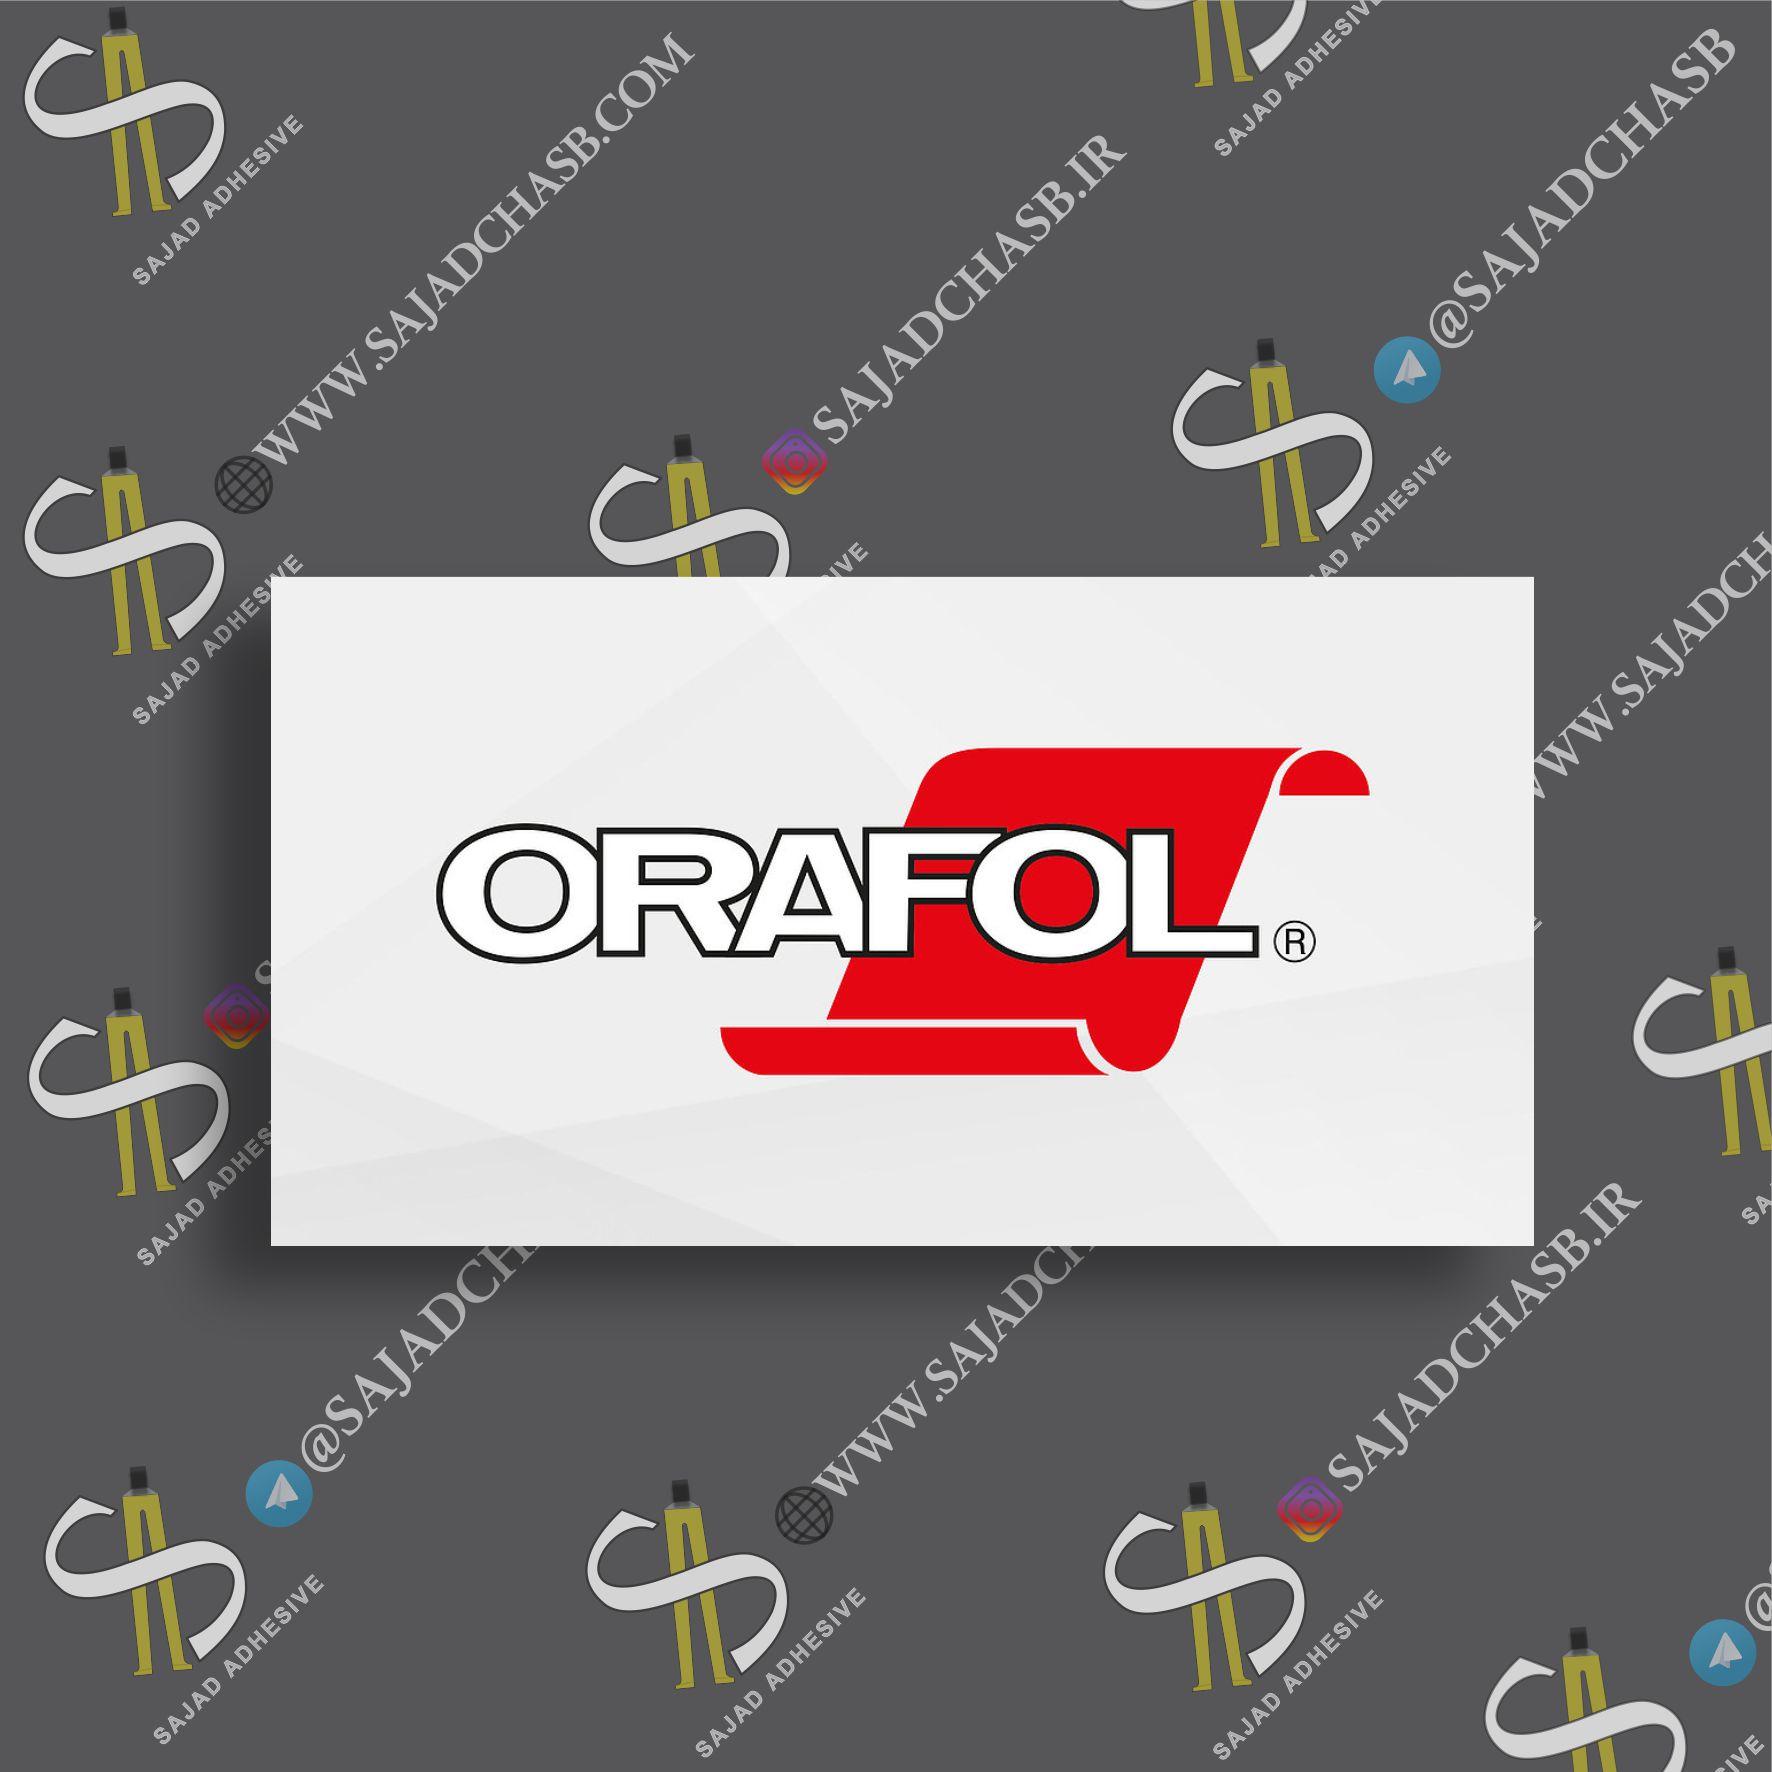 آشنایی با برند اورافول Orafol